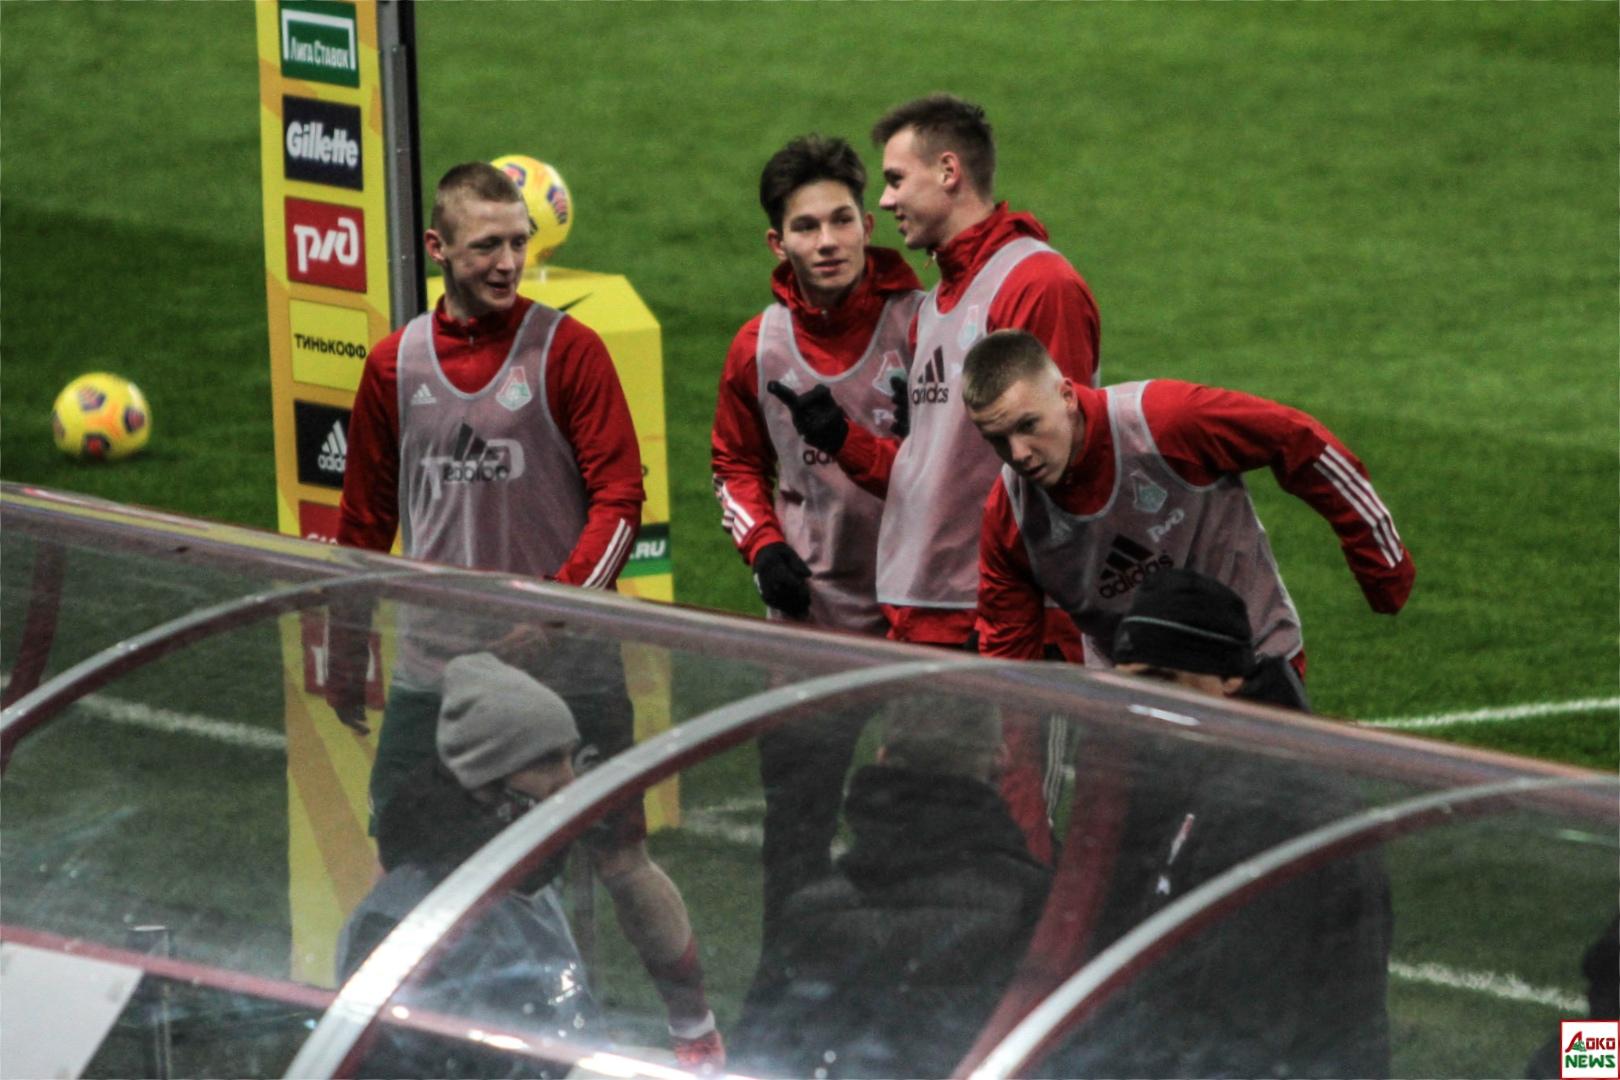 Локомотив - Арсенал. Фото: Дмитрий Бурдонов / Loko.News